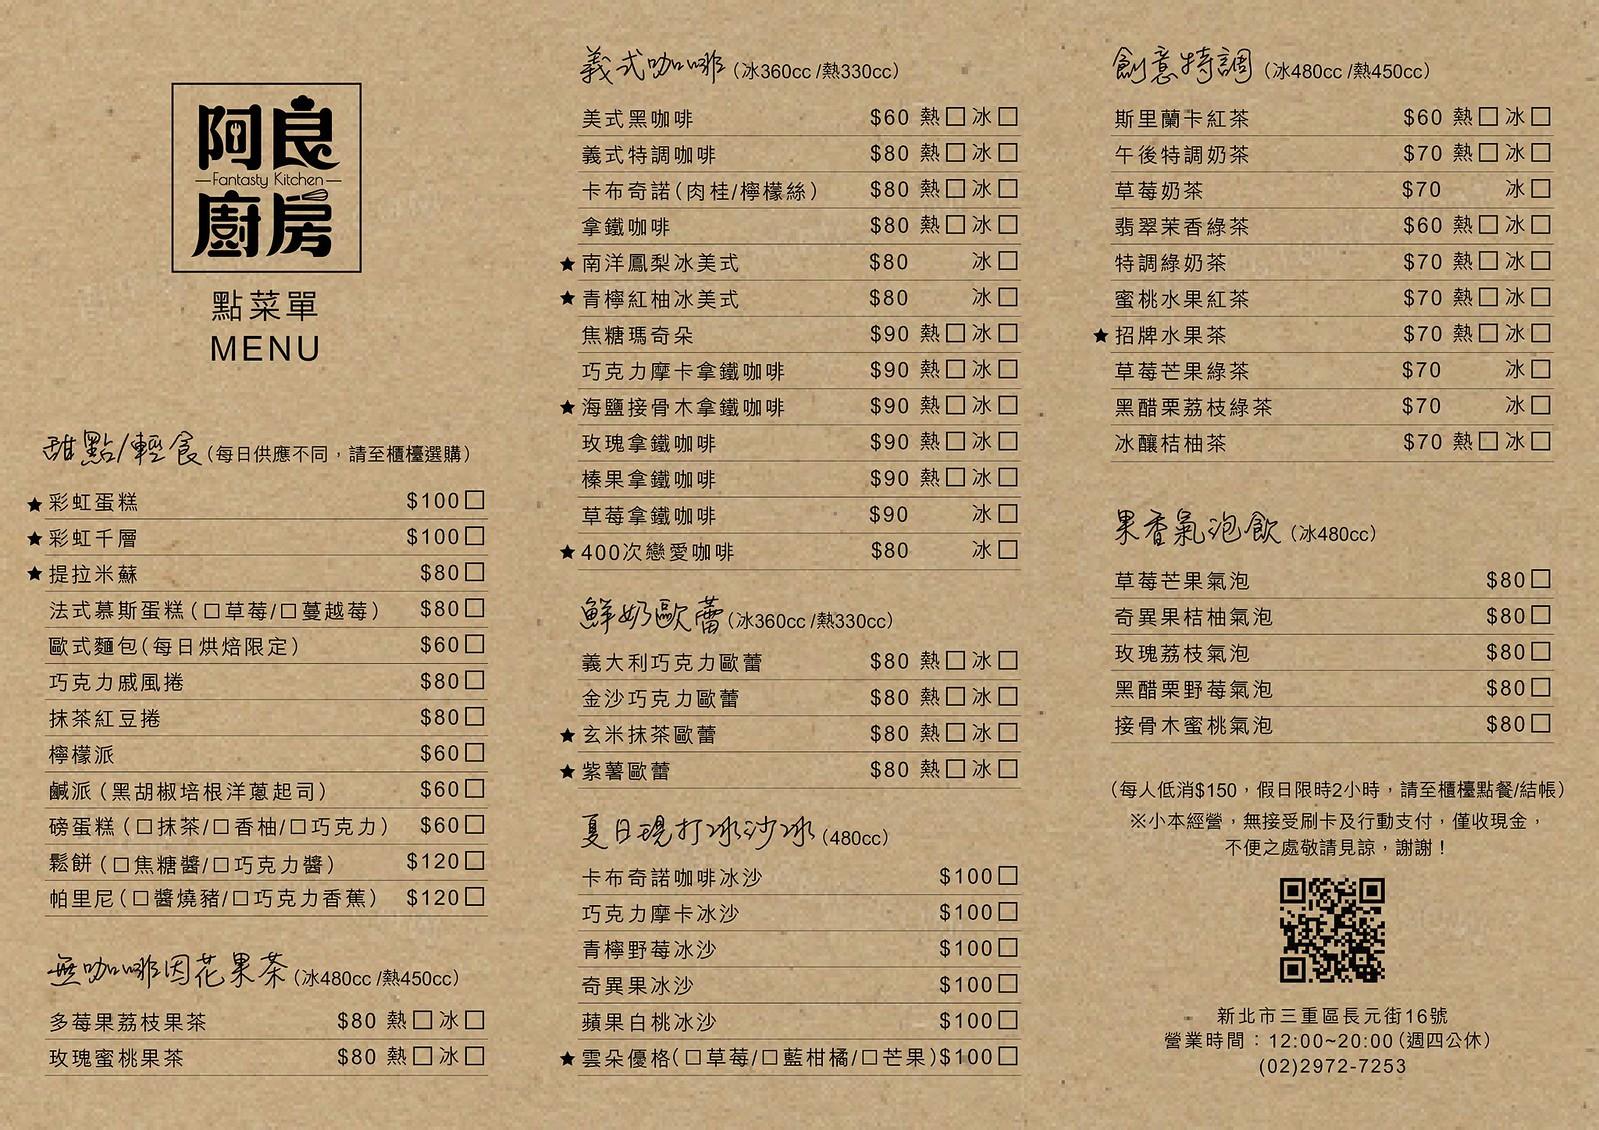 三重,三重下午茶,三重咖啡館,三重美食,三重蛋糕推薦,台北咖啡館,台北橋站咖啡館,阿良廚房,阿良廚房咖啡館 @陳小可的吃喝玩樂